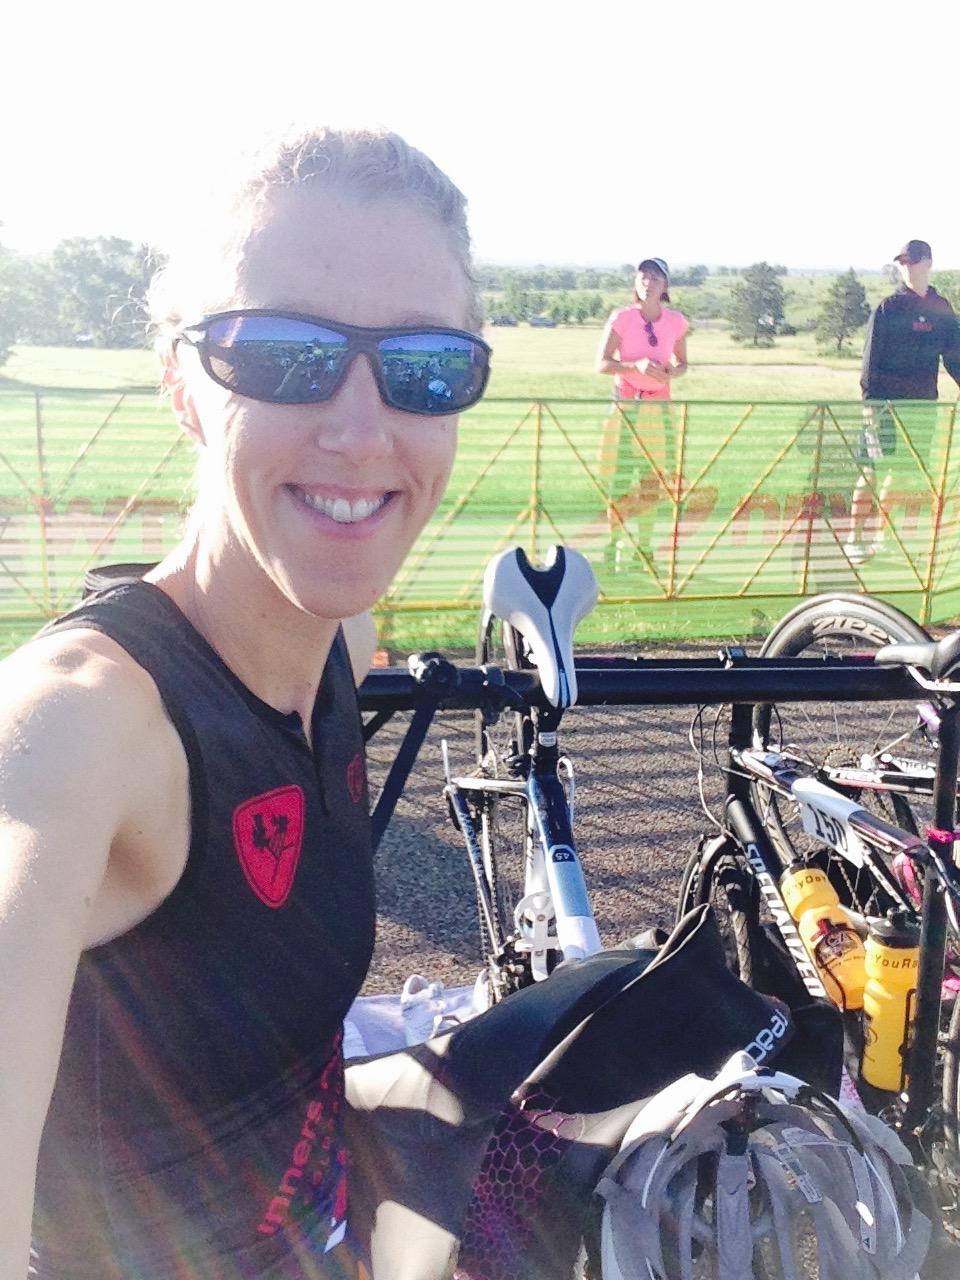 Getting ready to race a triathlon